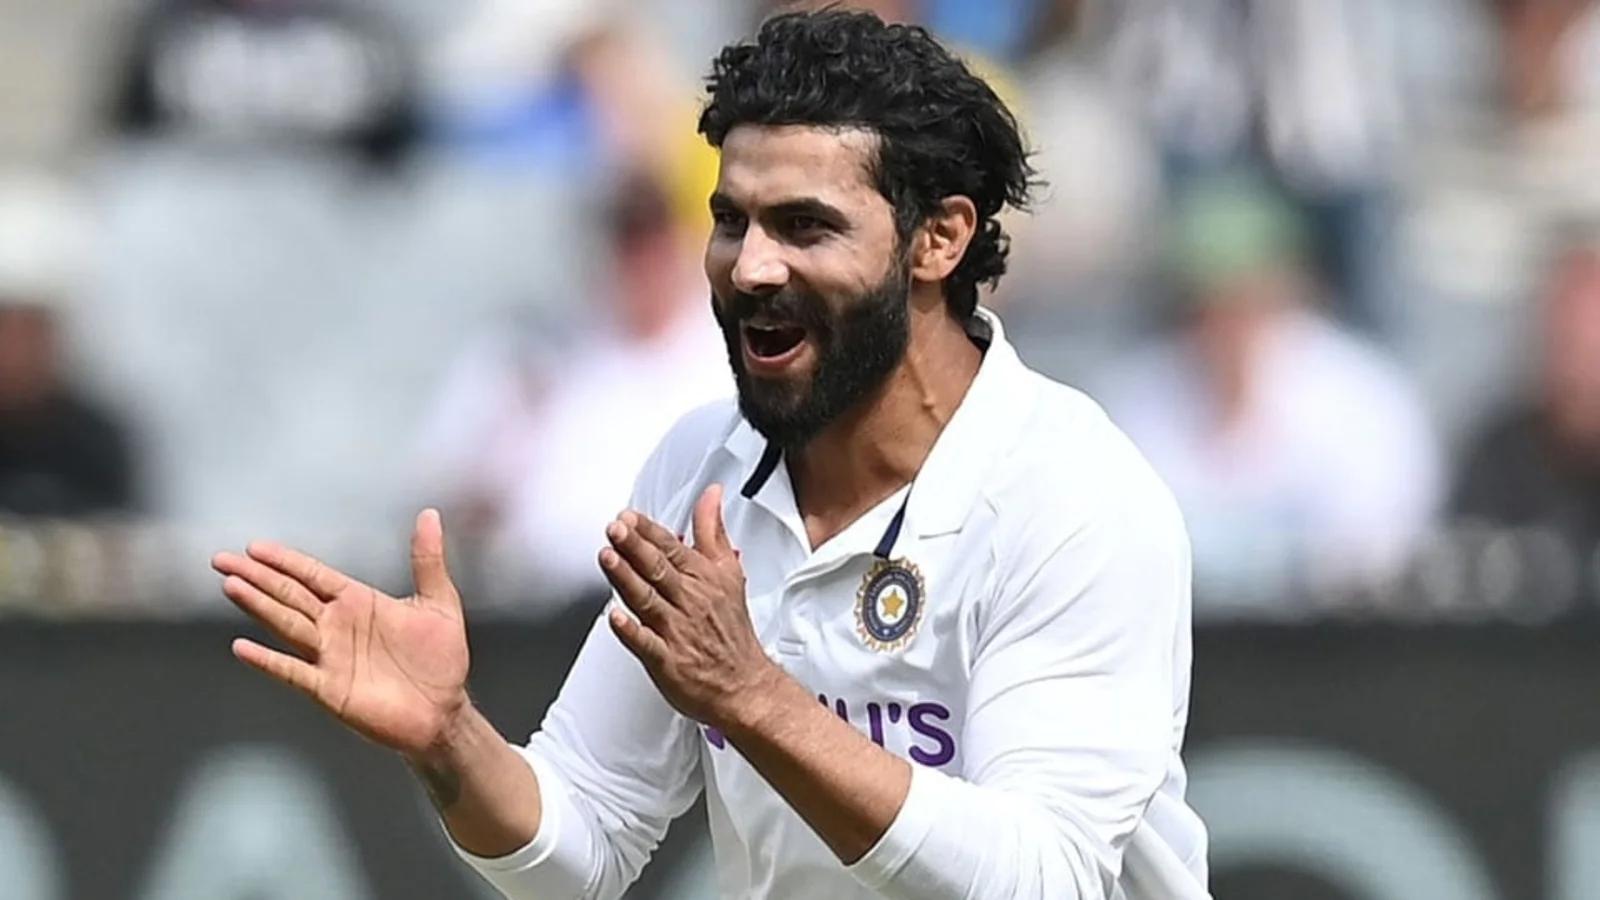 বড় ধাক্কা! ম্যাচ শেষ হতেই হাসপাতালে ভর্তি হলেন এই ভারতীয় ক্রিকেটার, খেলবেন না চতুর্থ টেস্ট 2